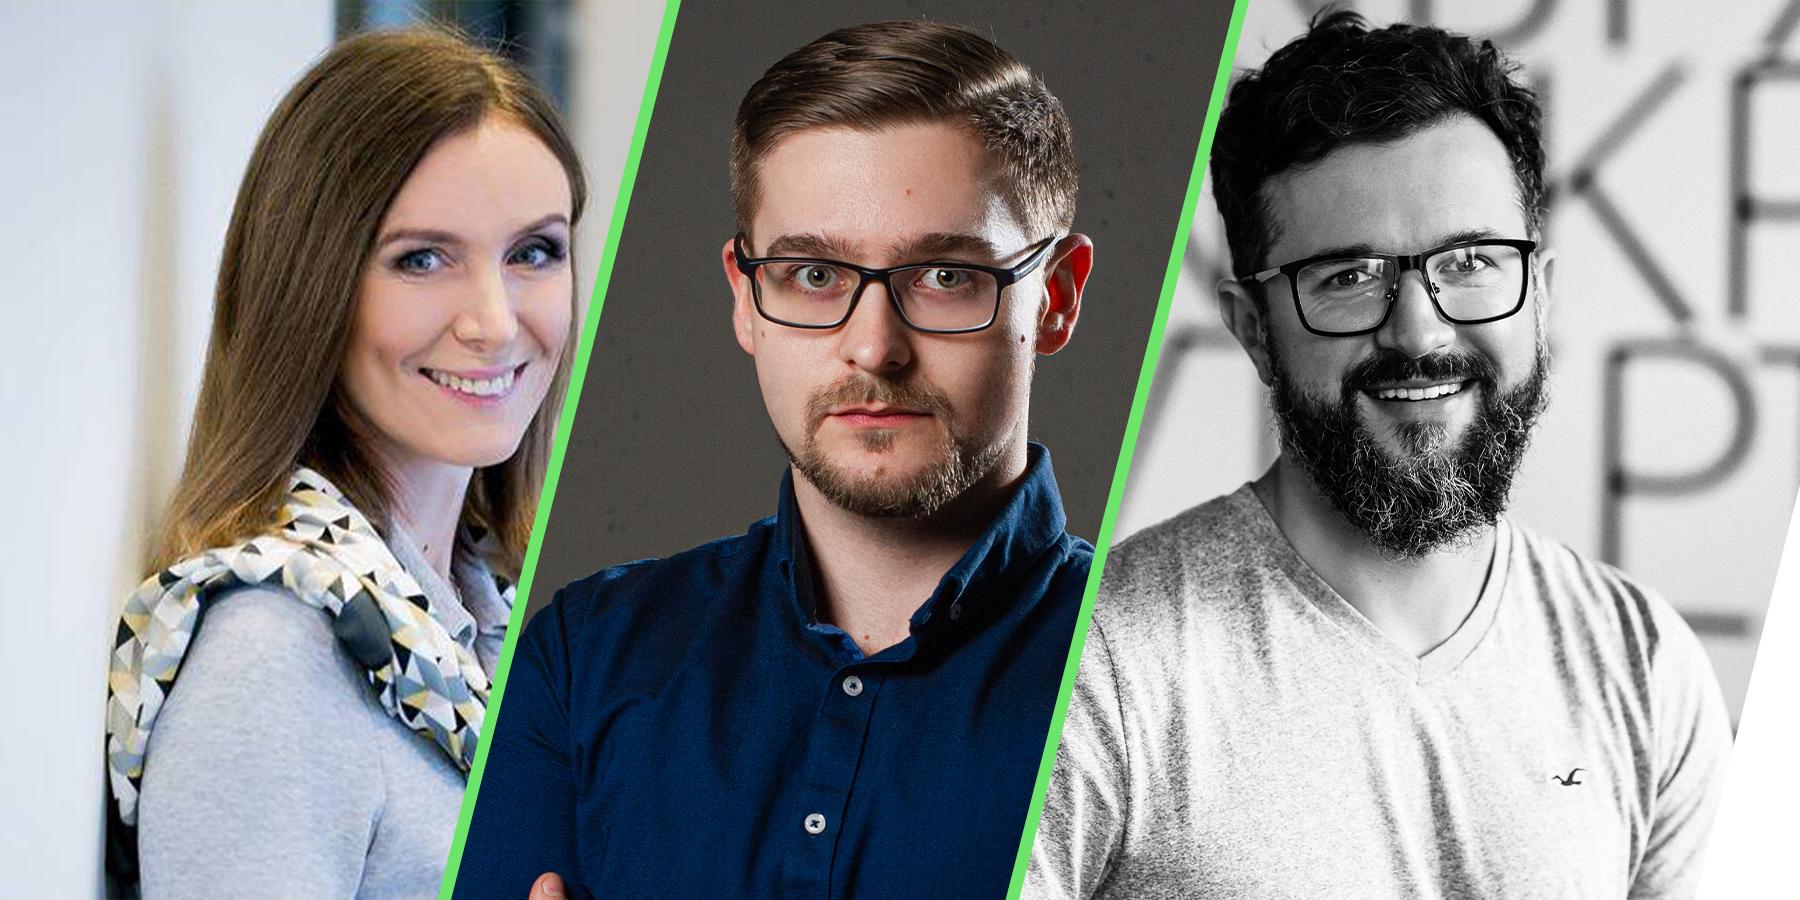 Freelancing czywłasna agencja? Co będzie lepsze dla Twojegobiznesu? Panel dyskusyjny naFounders.pl